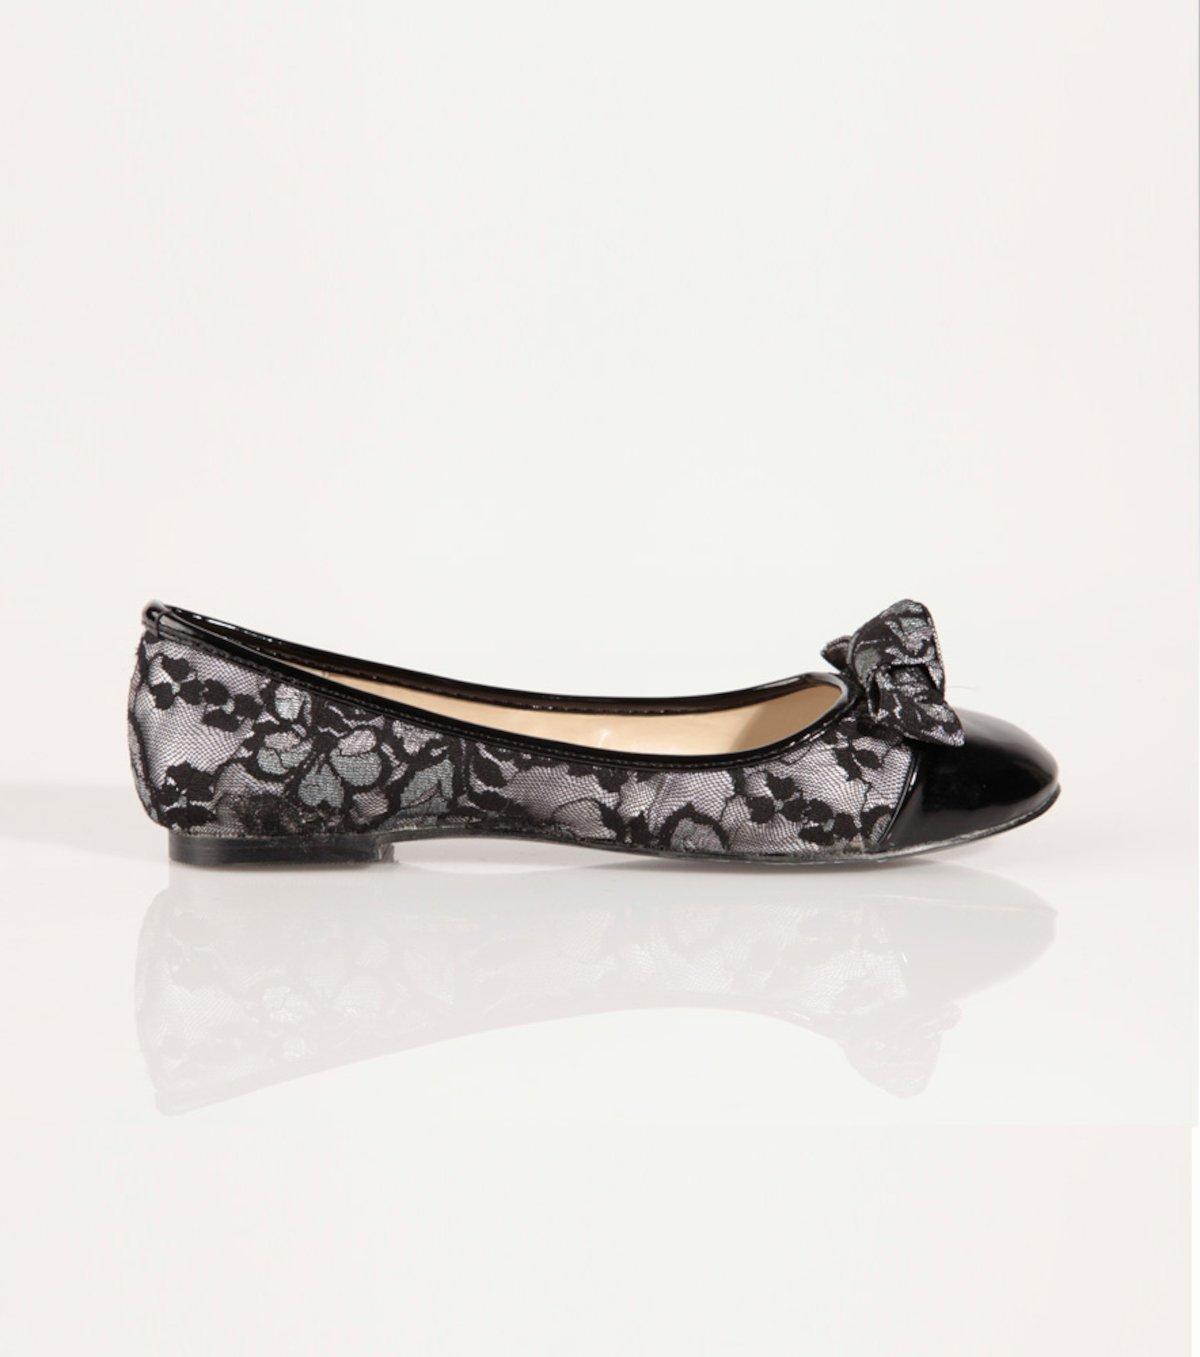 nuevo concepto fee59 49901 Zapatos bailarinas mujer con blonda